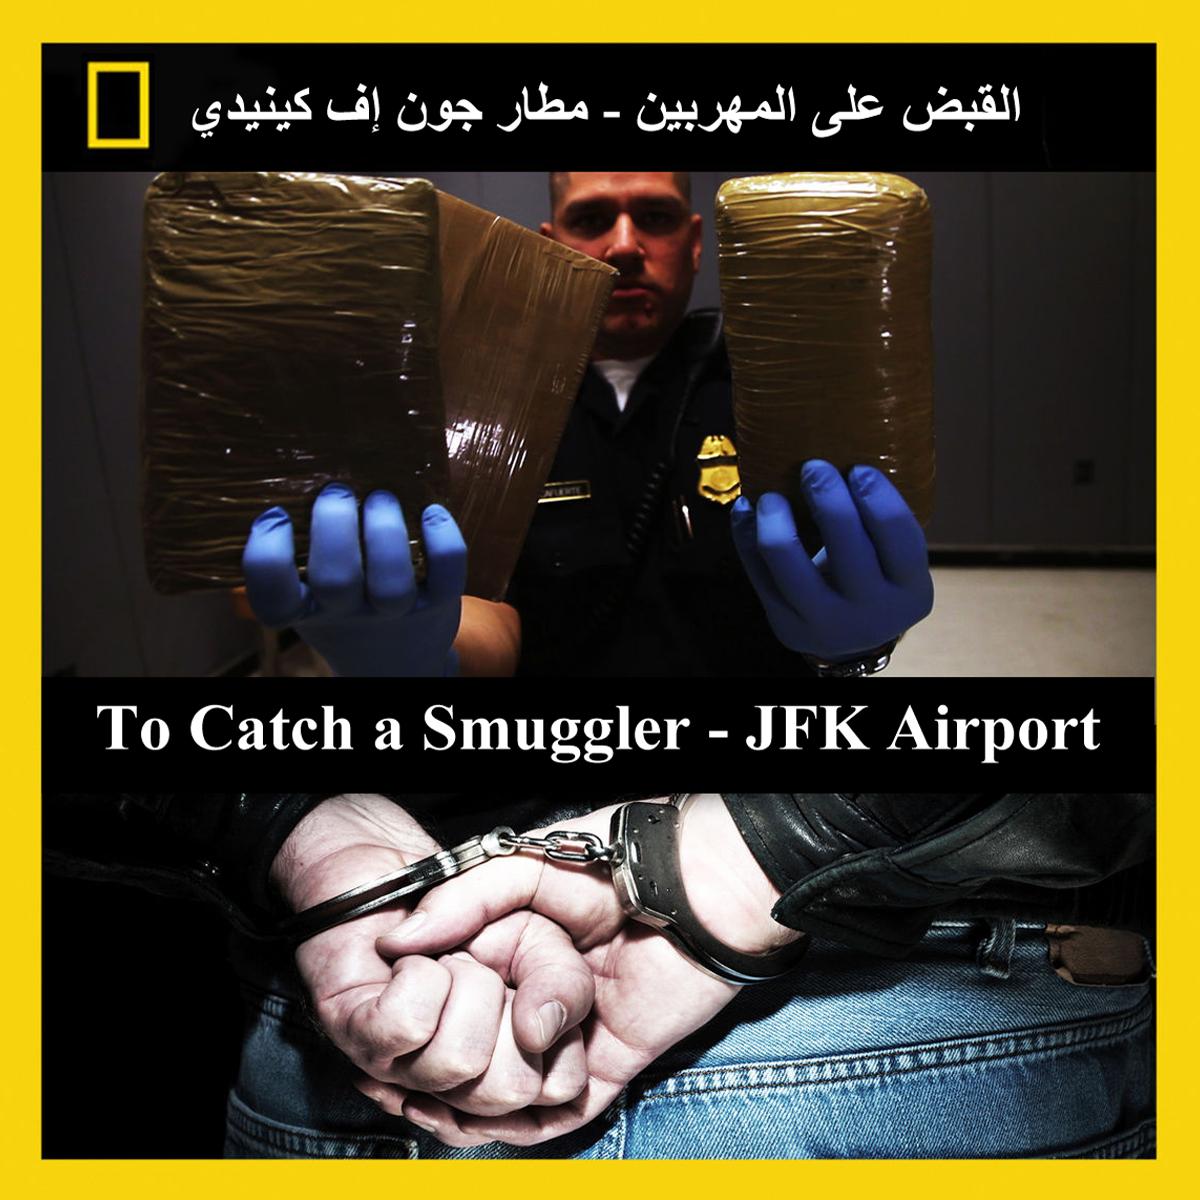 HDTV-1080p | القبض على المهربين: مطار جون إف كينيدي - تهريب الكوكايين -- Seeders: 1 -- Leechers: 0